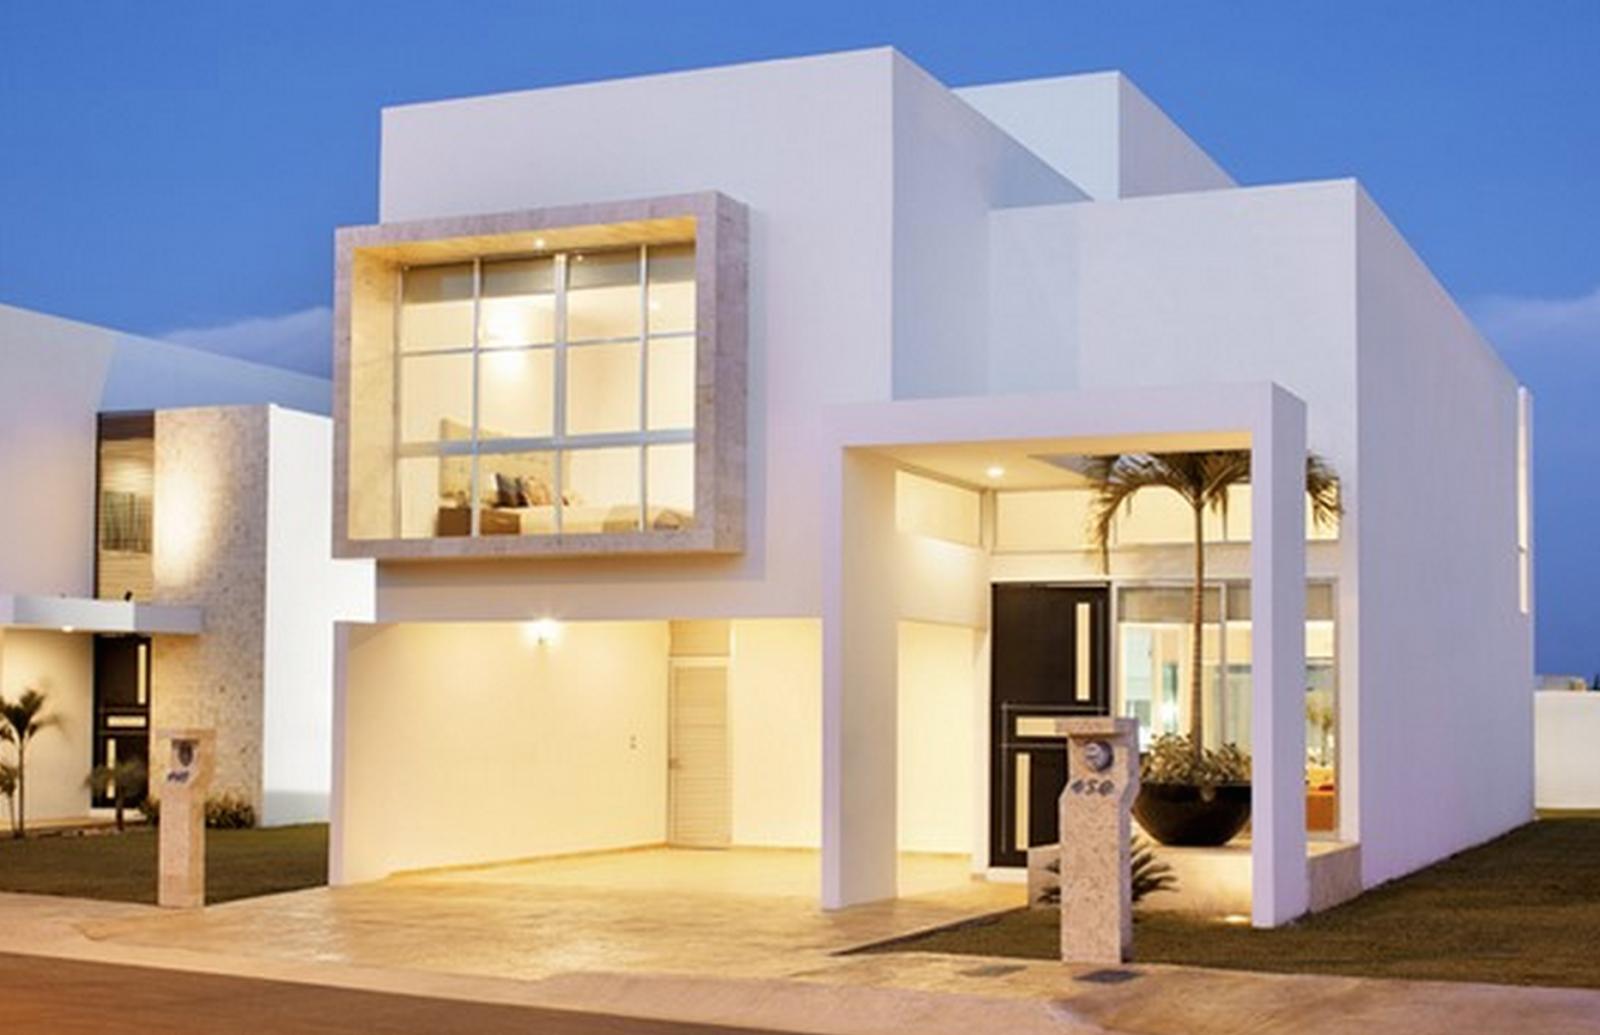 Casas prefabricadas y modulares casas minimalistas for Viviendas minimalistas